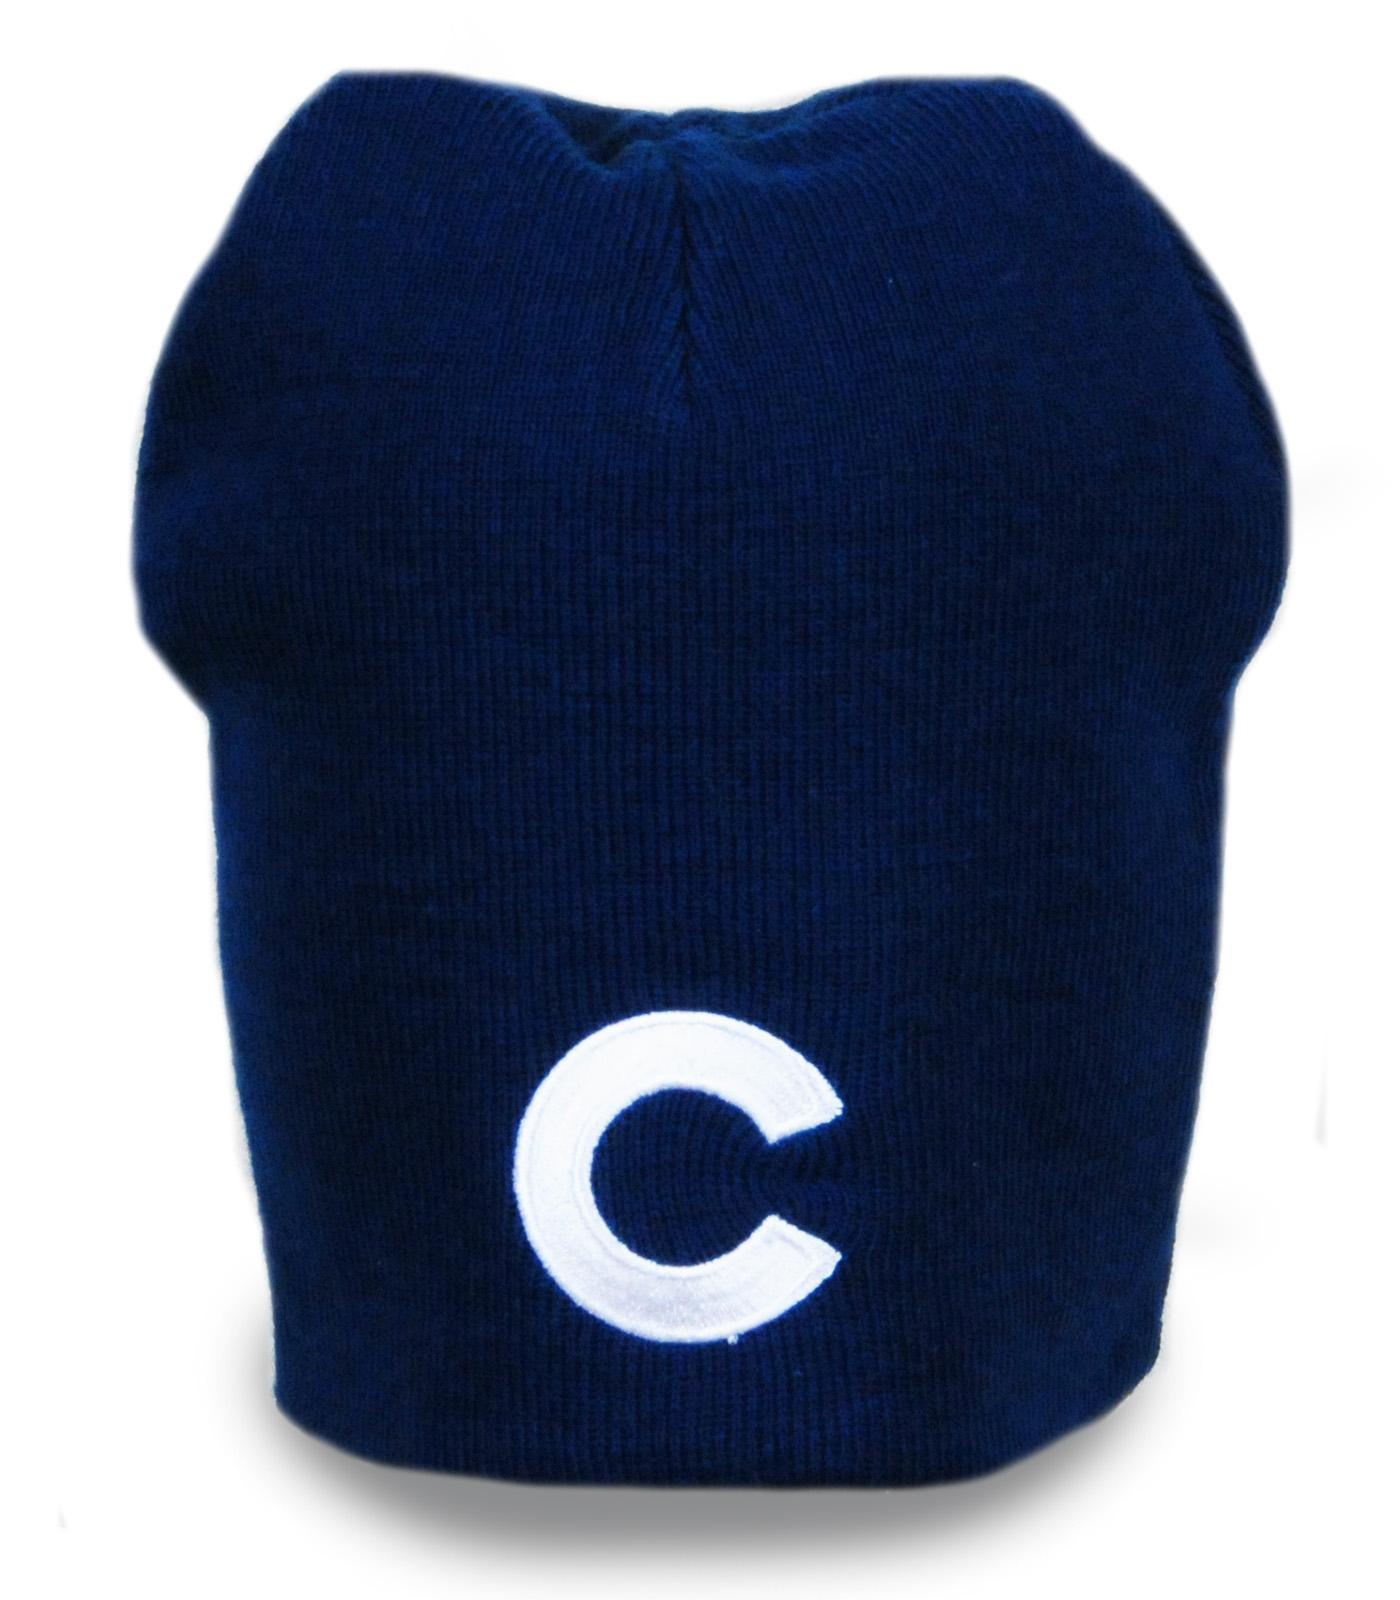 Дешевые шапки с логотипами – удобно и модно